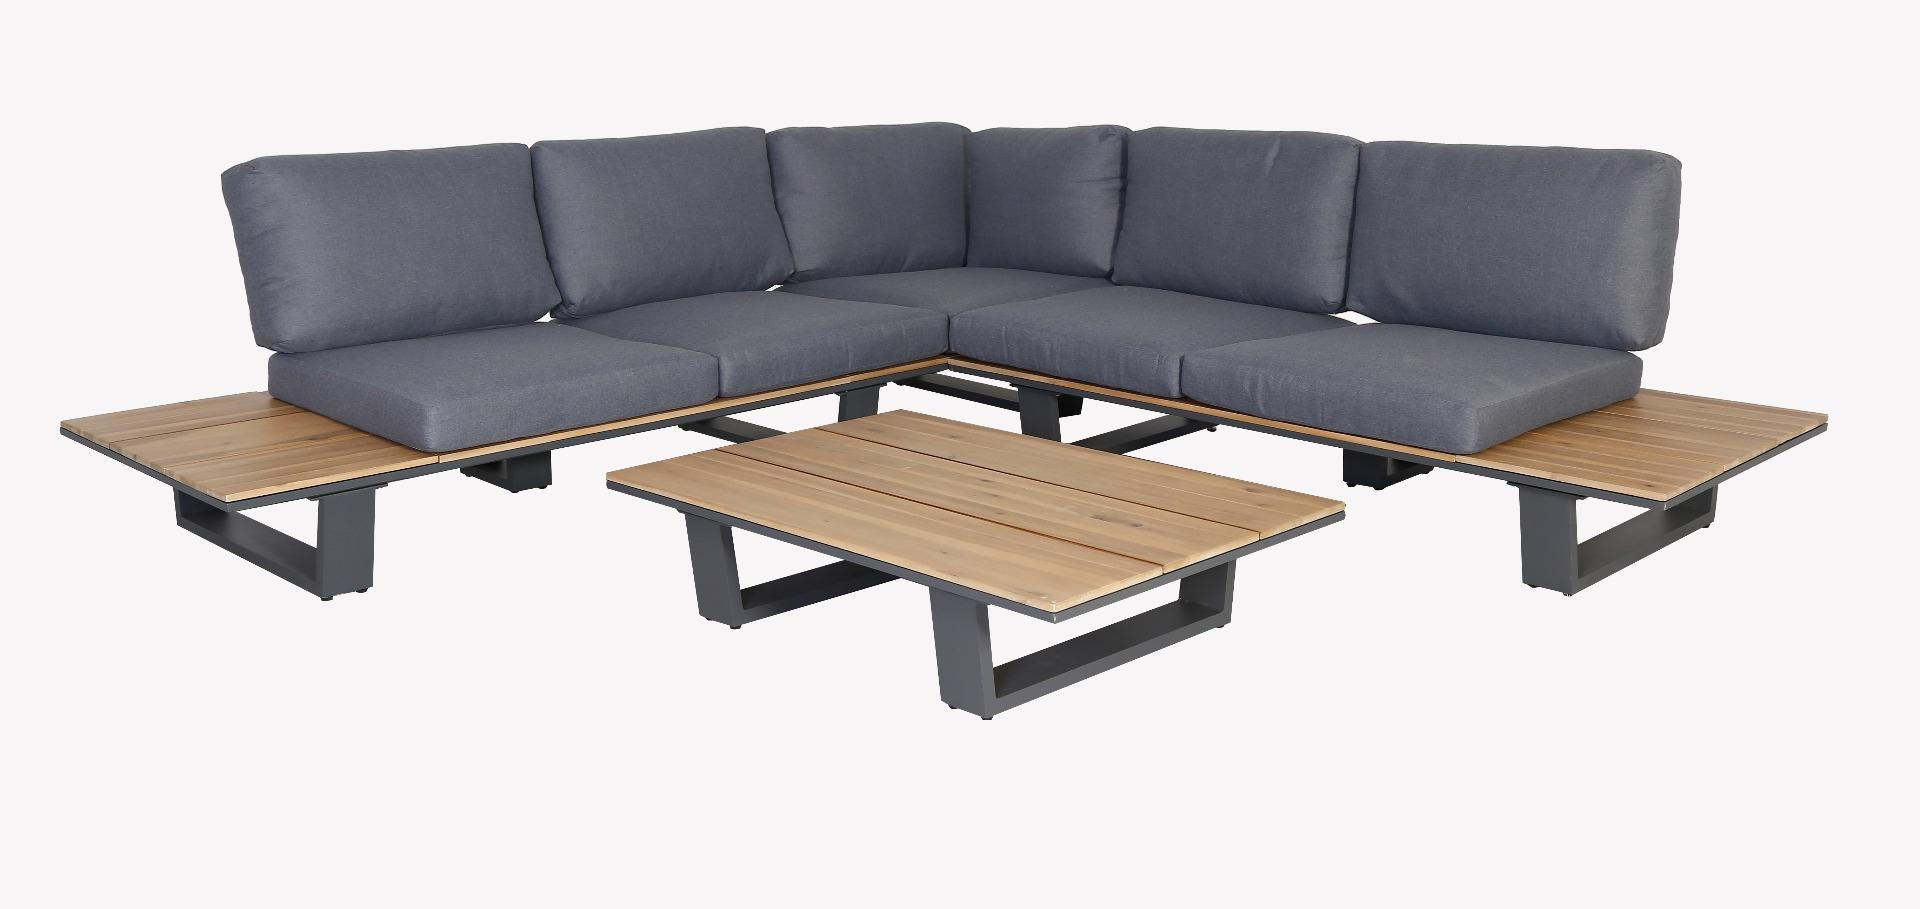 Korting Lota lounge corner set 3pcs (left arm right arm table 110x75x25cm)